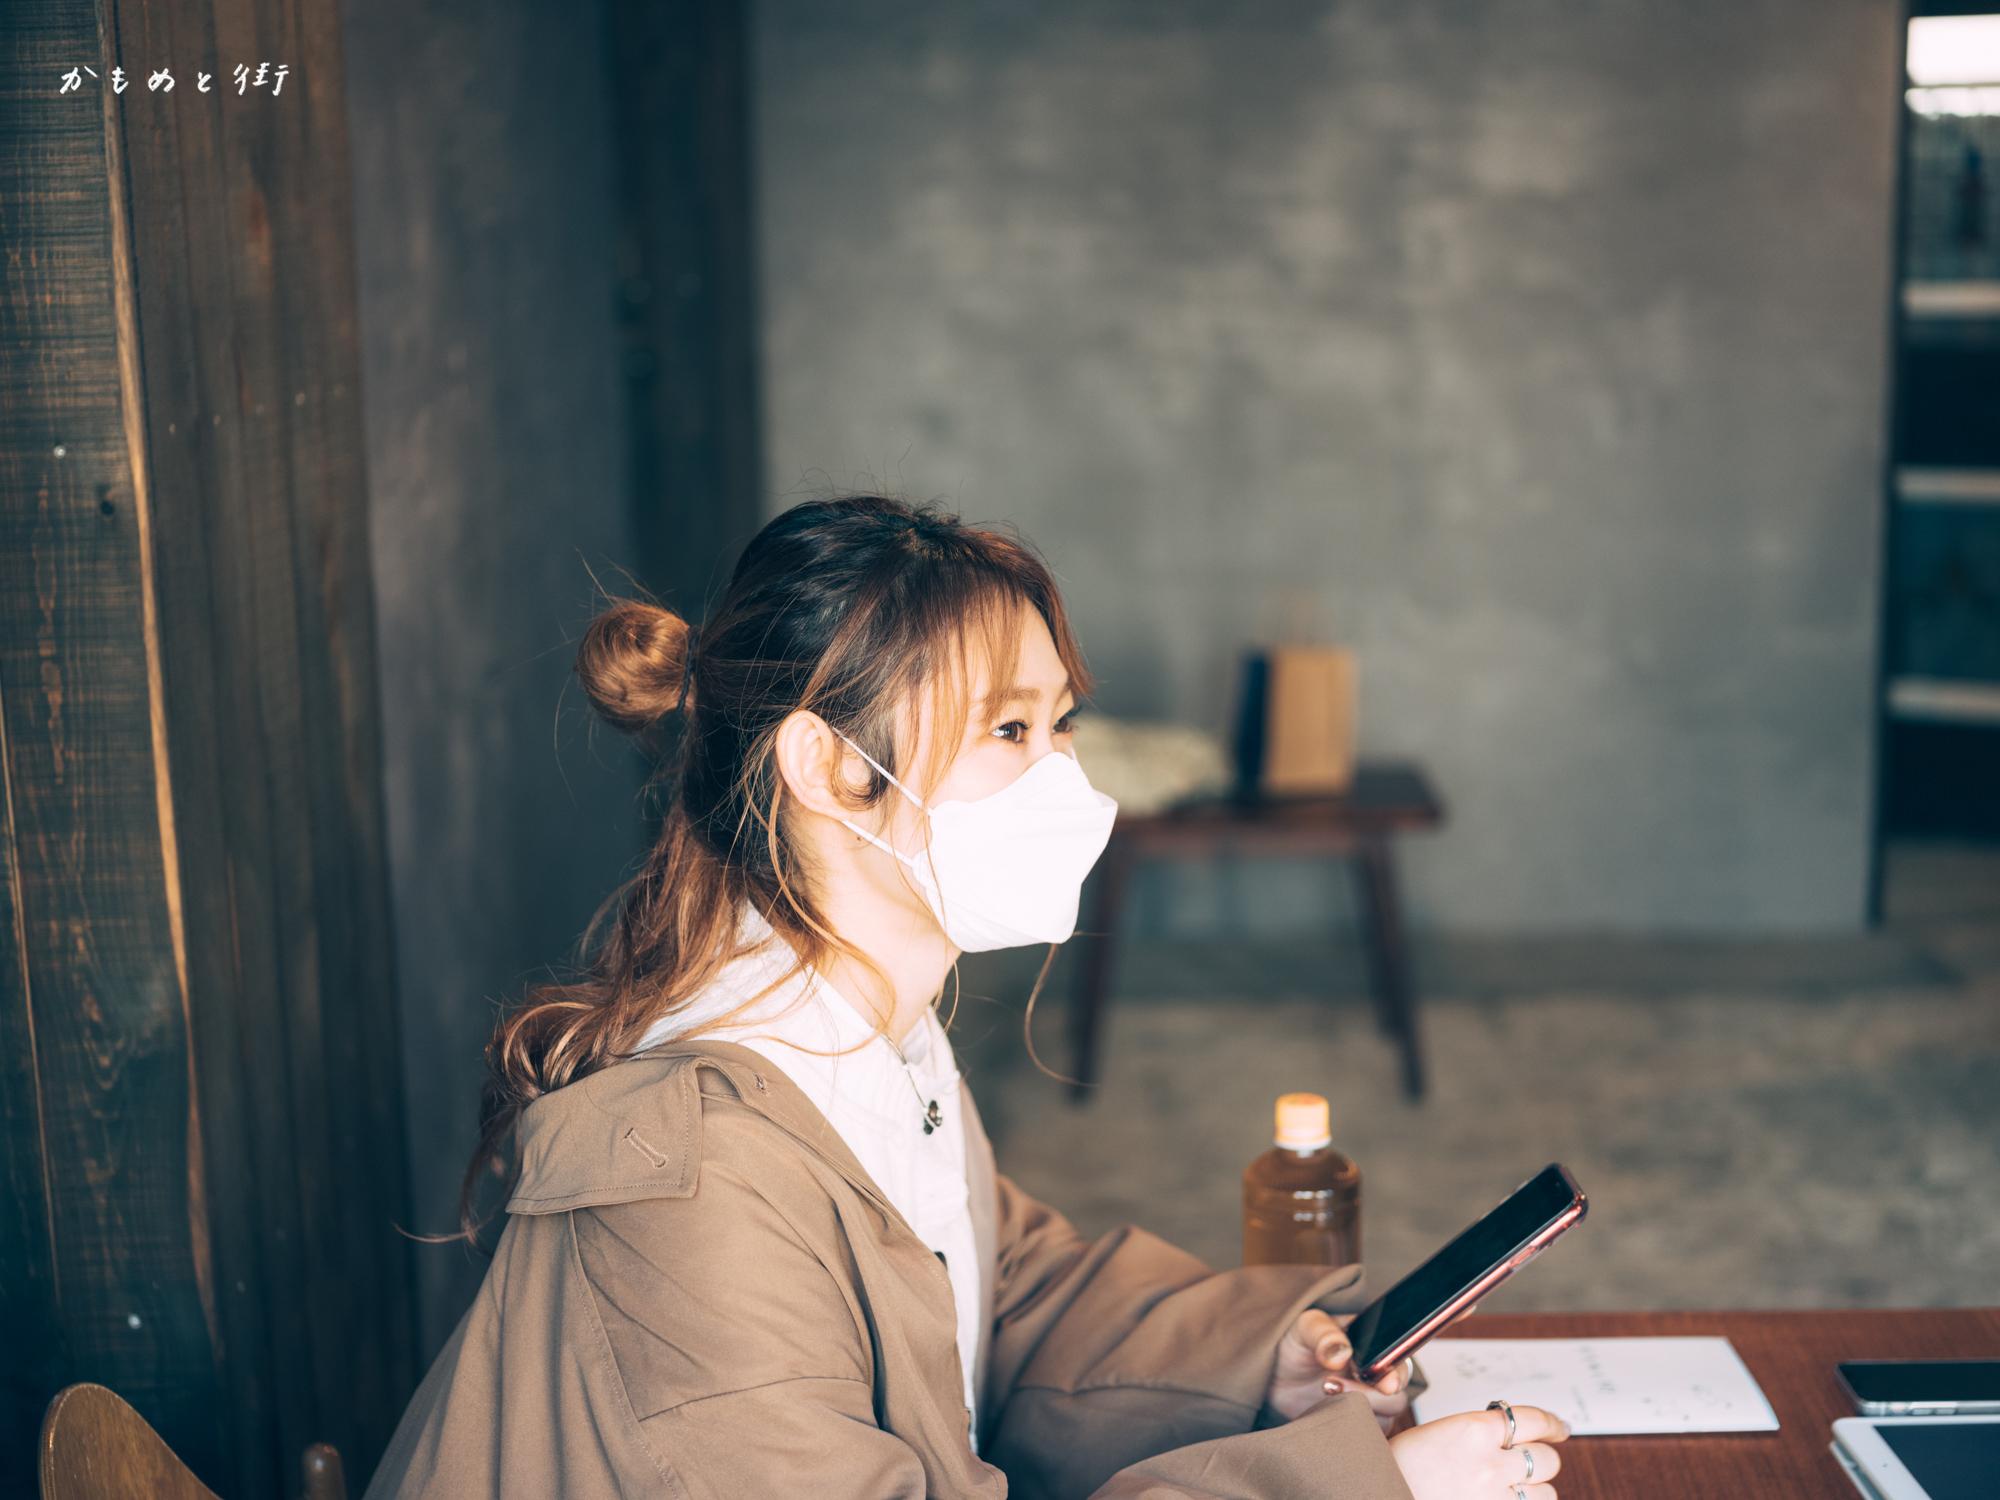 lyricalschool リリカルスクール minan インタビュー 好きな店 カフェ ランチ 表参道 おすすめ 下北沢 神泉